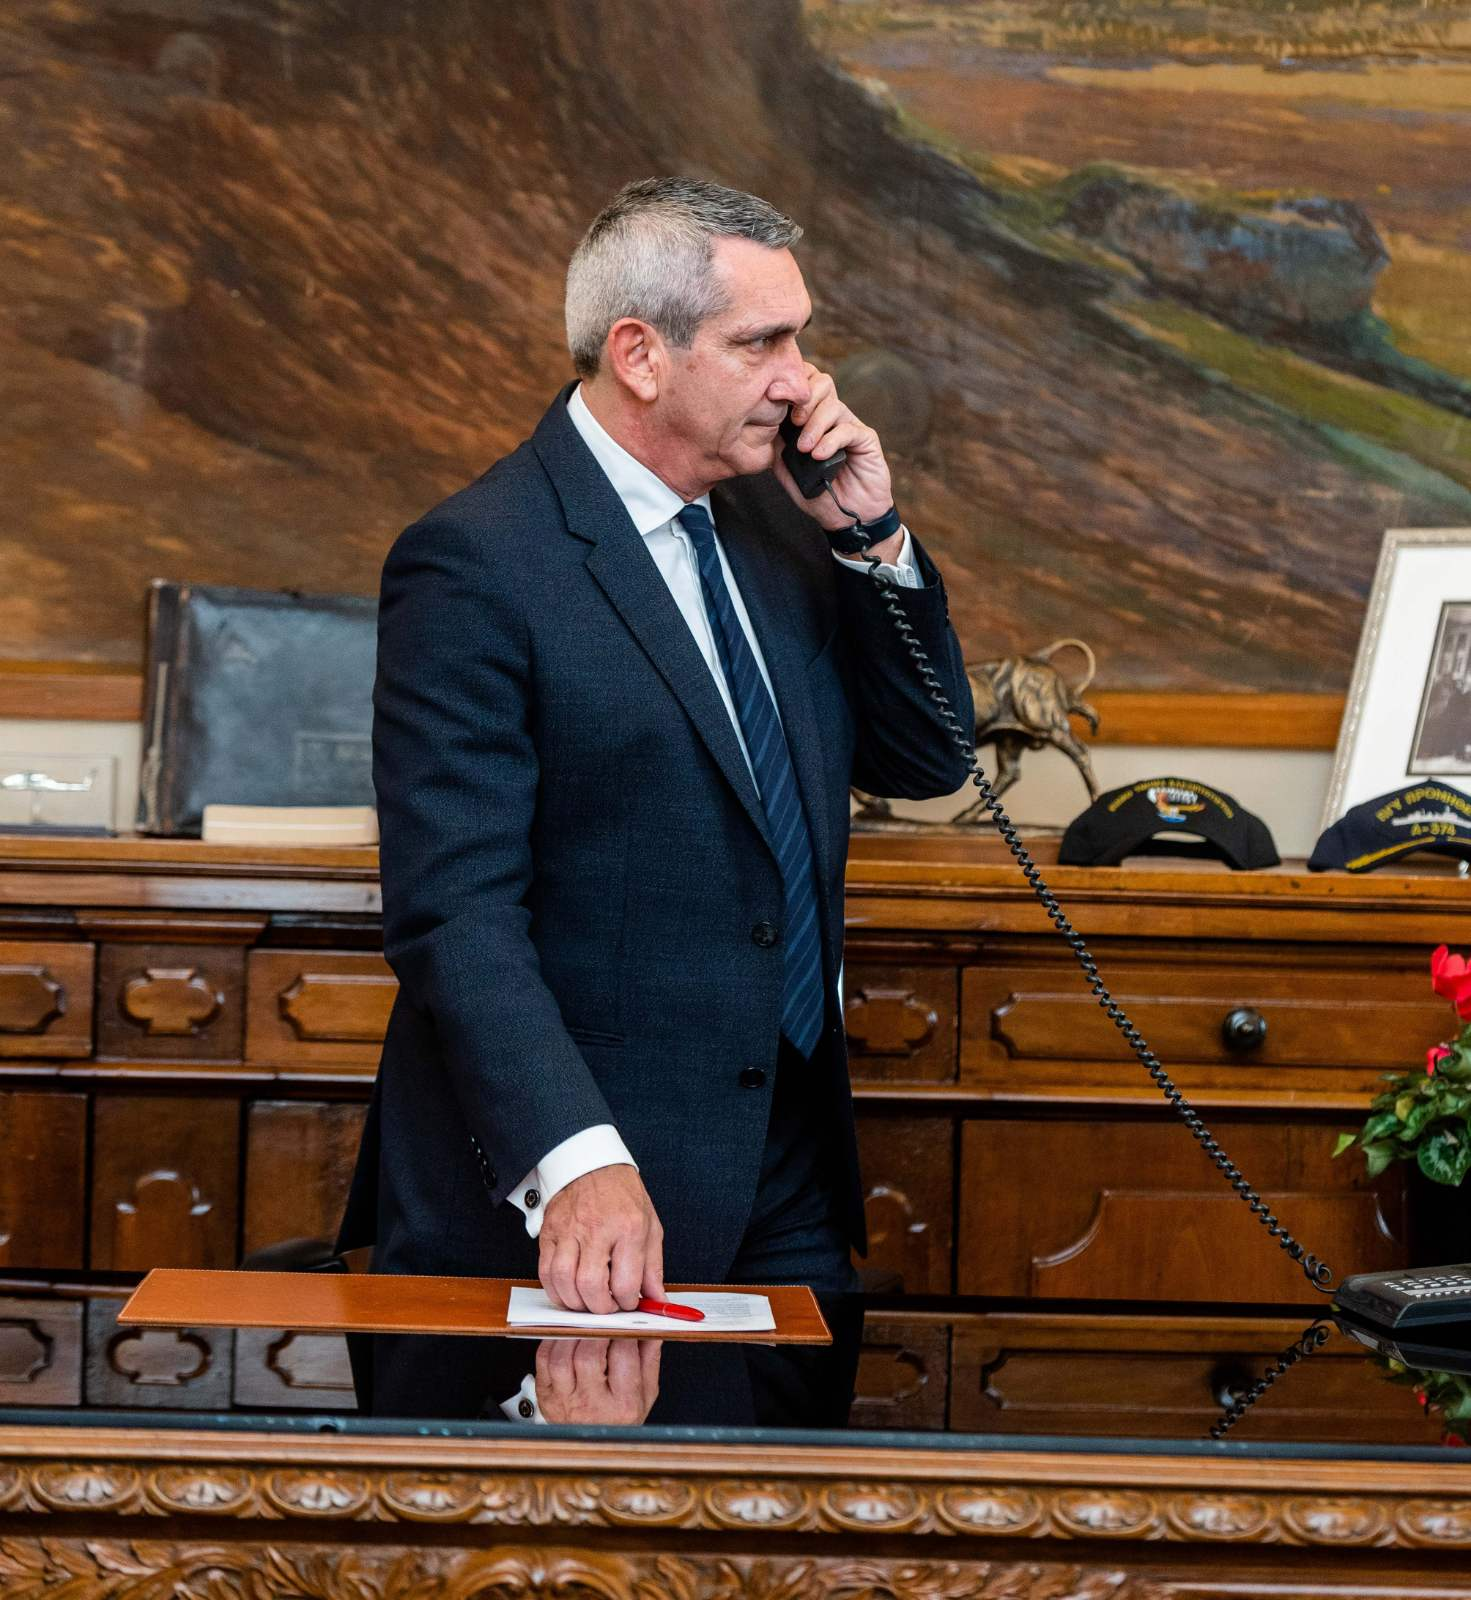 Δεκτή η πρόταση του Περιφερειάρχη για τη σύσταση τριών Ειδικών Επιτροπών Επικινδύνως Ετοιμόρροπων σε Σύρο, Ρόδο και Μυτιλήνη